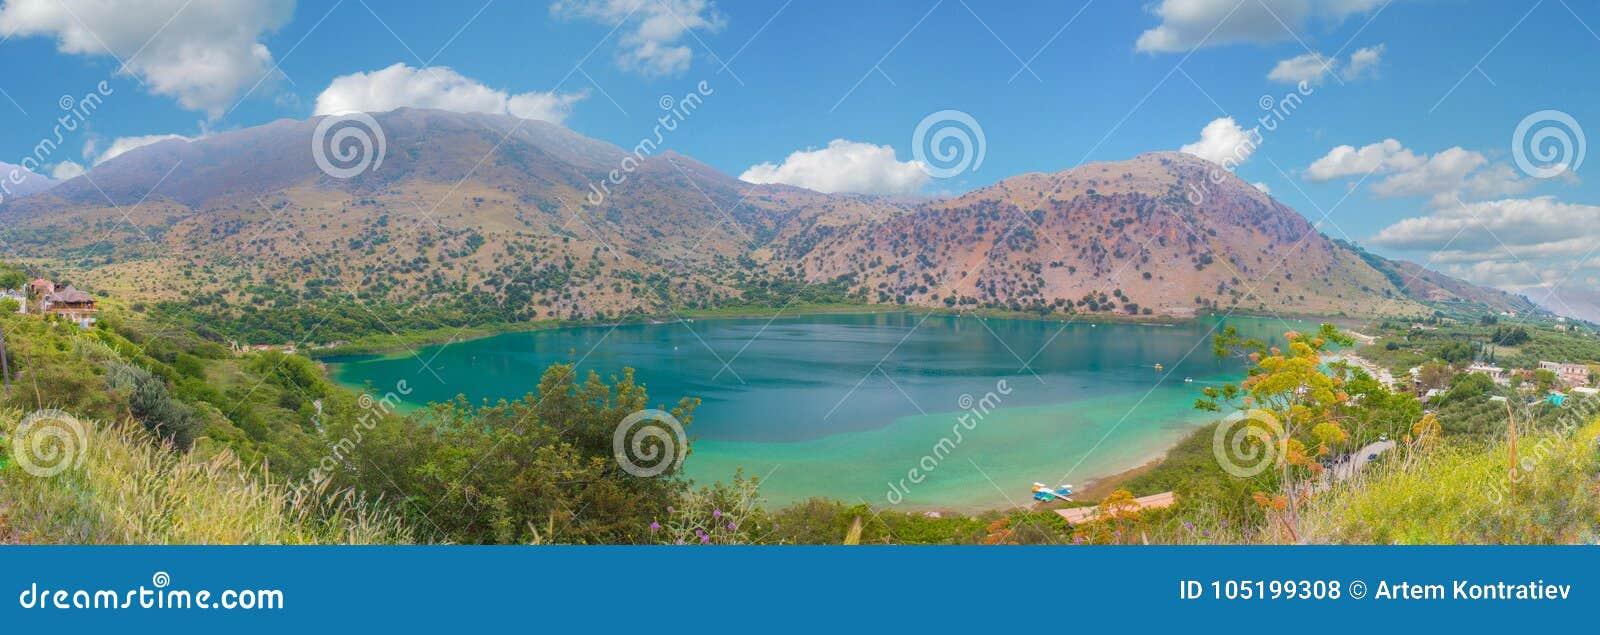 Lac Kournas panorama chez la Grèce, île de Crète